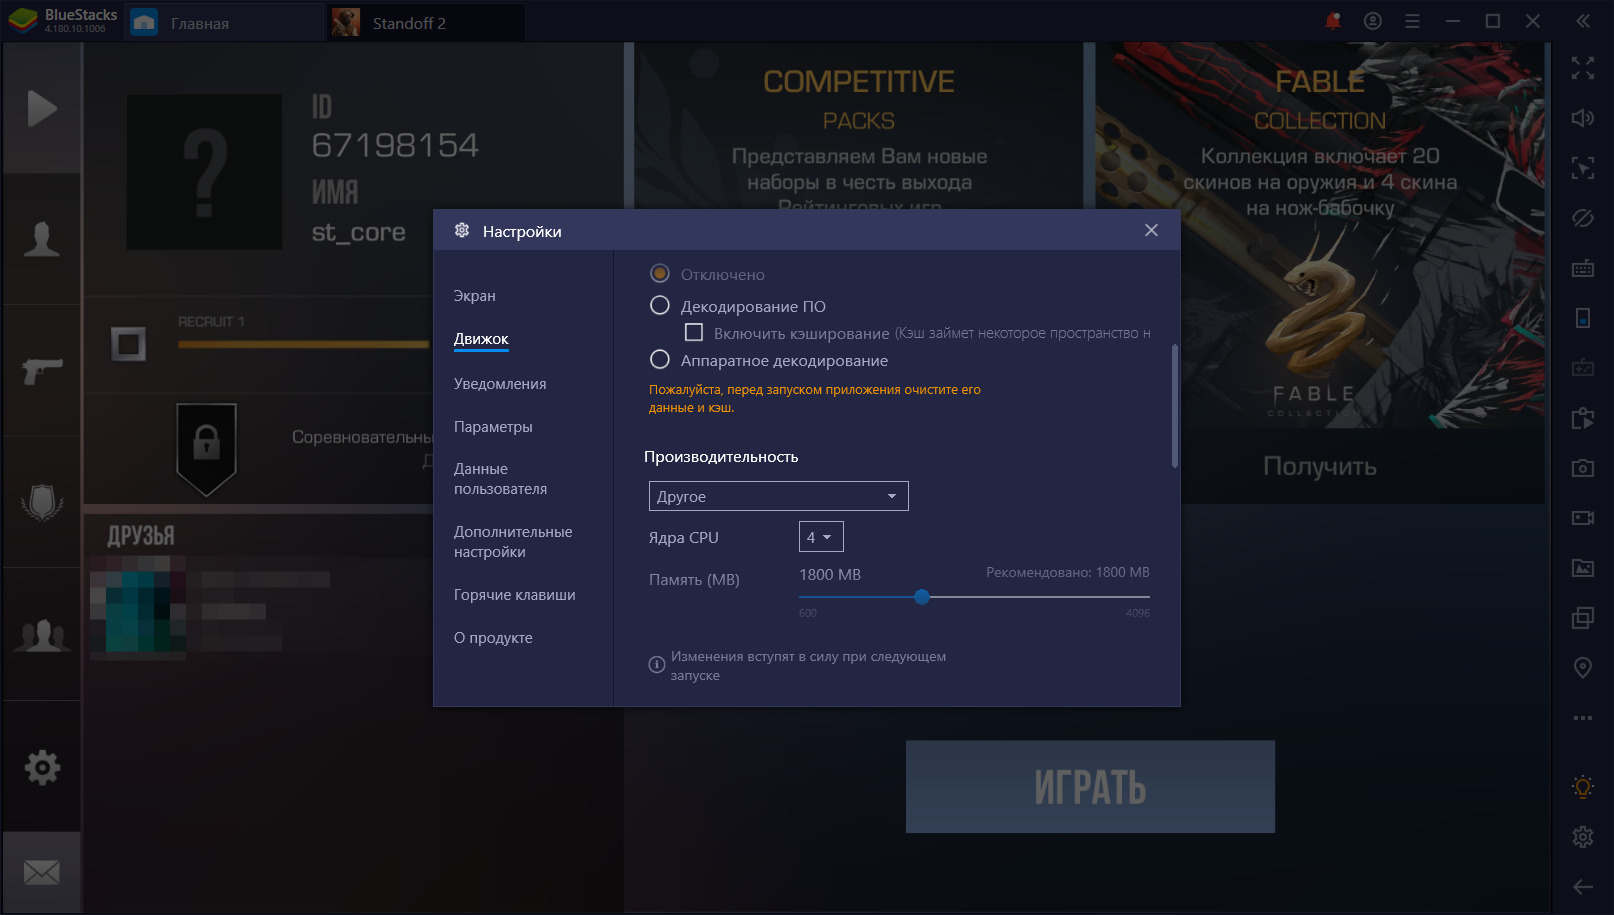 Преимущества игры в Standoff 2 на ПК с BlueStacks